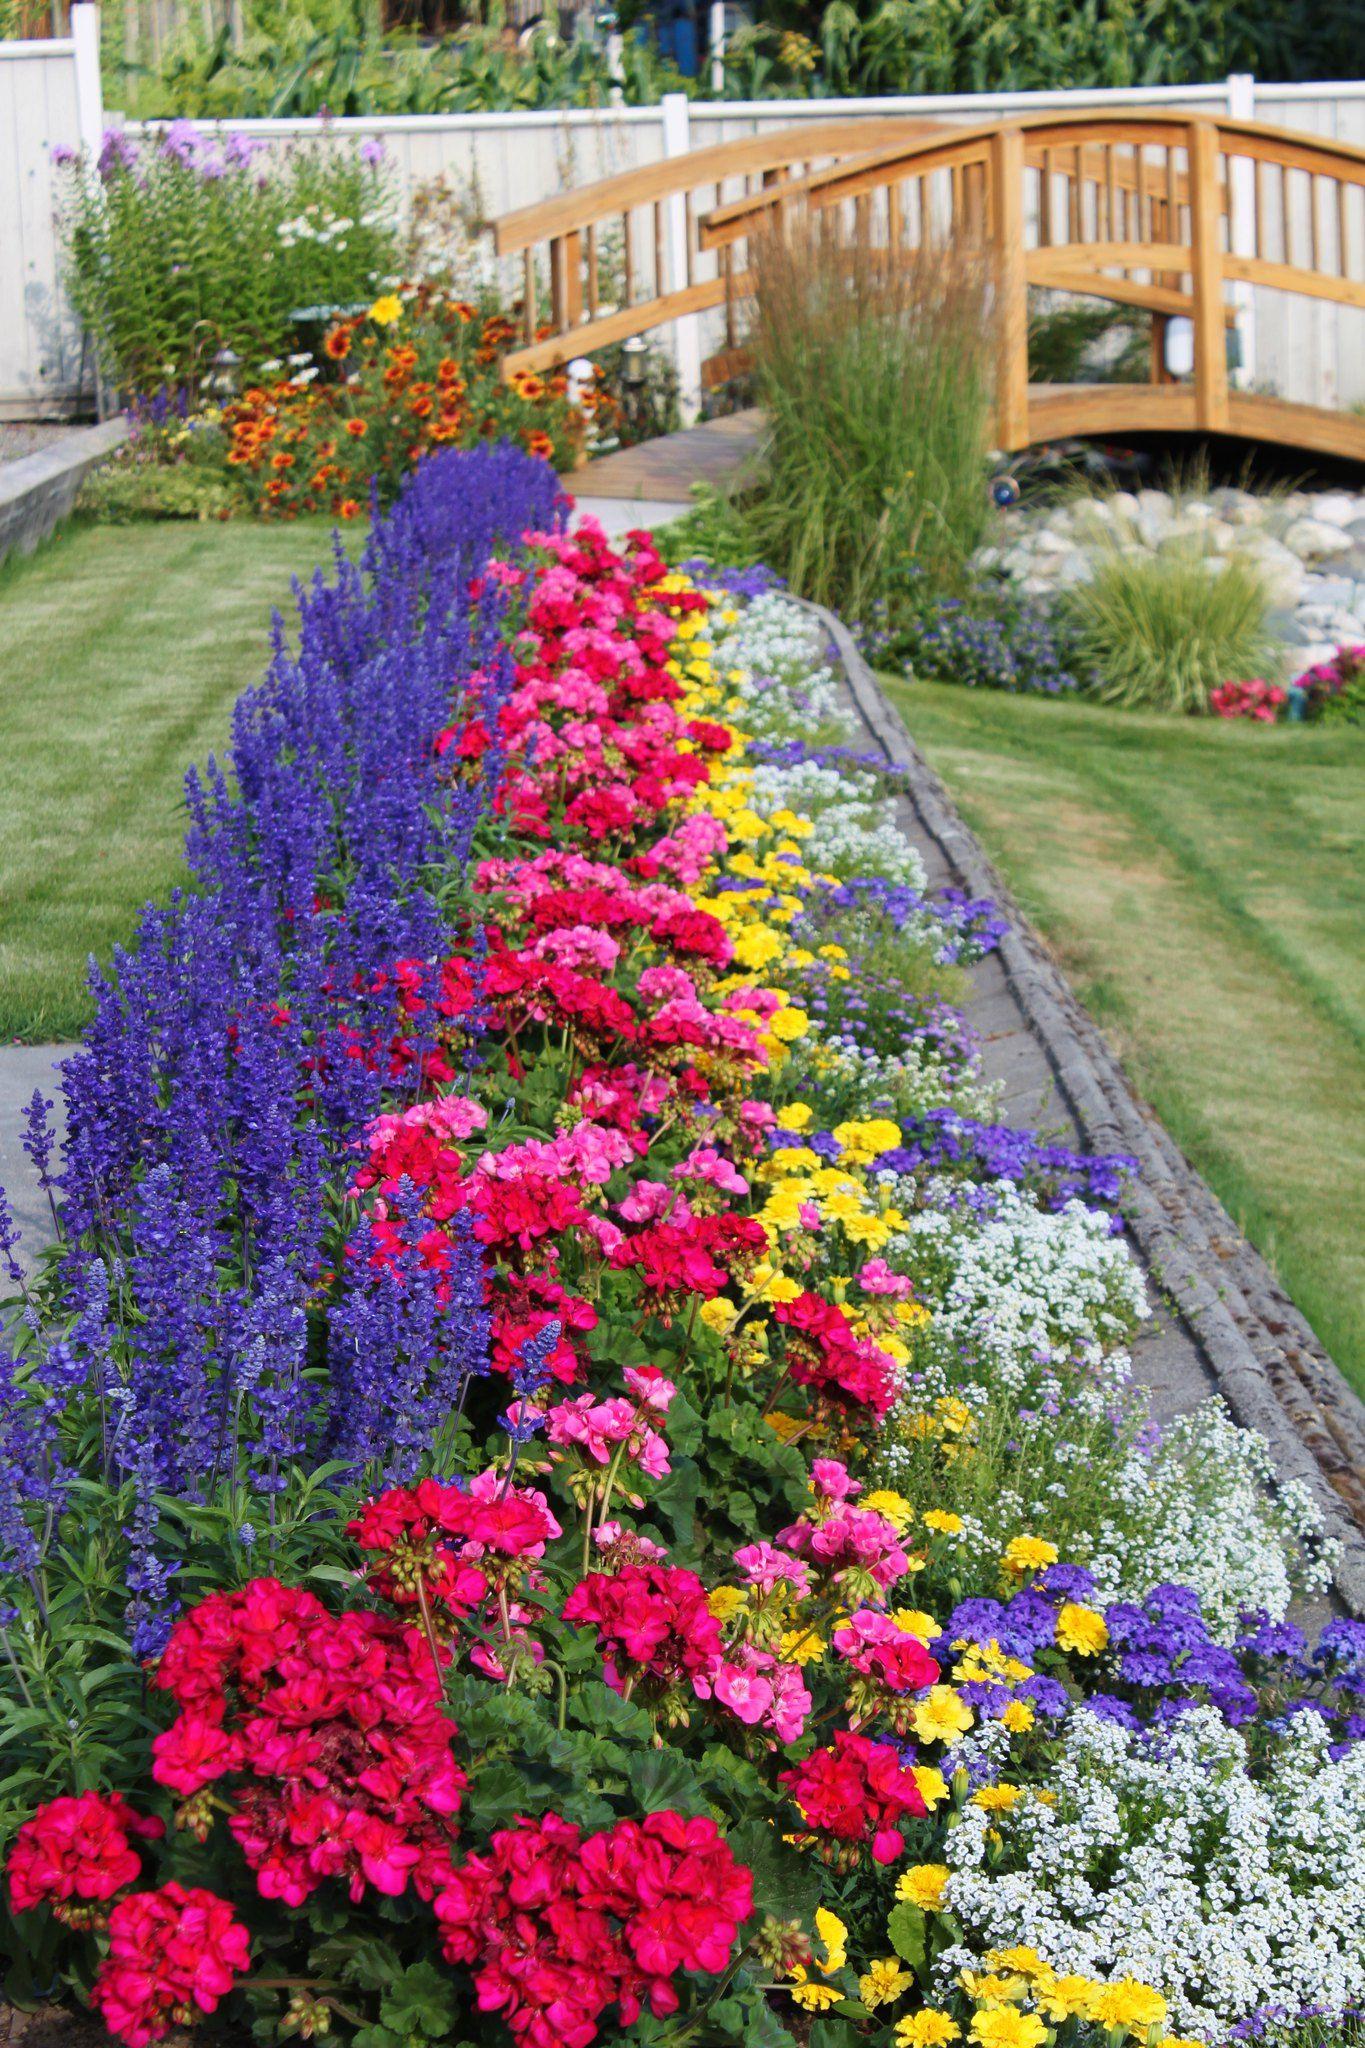 Summer Flowers Summer Flowers Garden Beautiful Flowers Garden Backyard Flowers